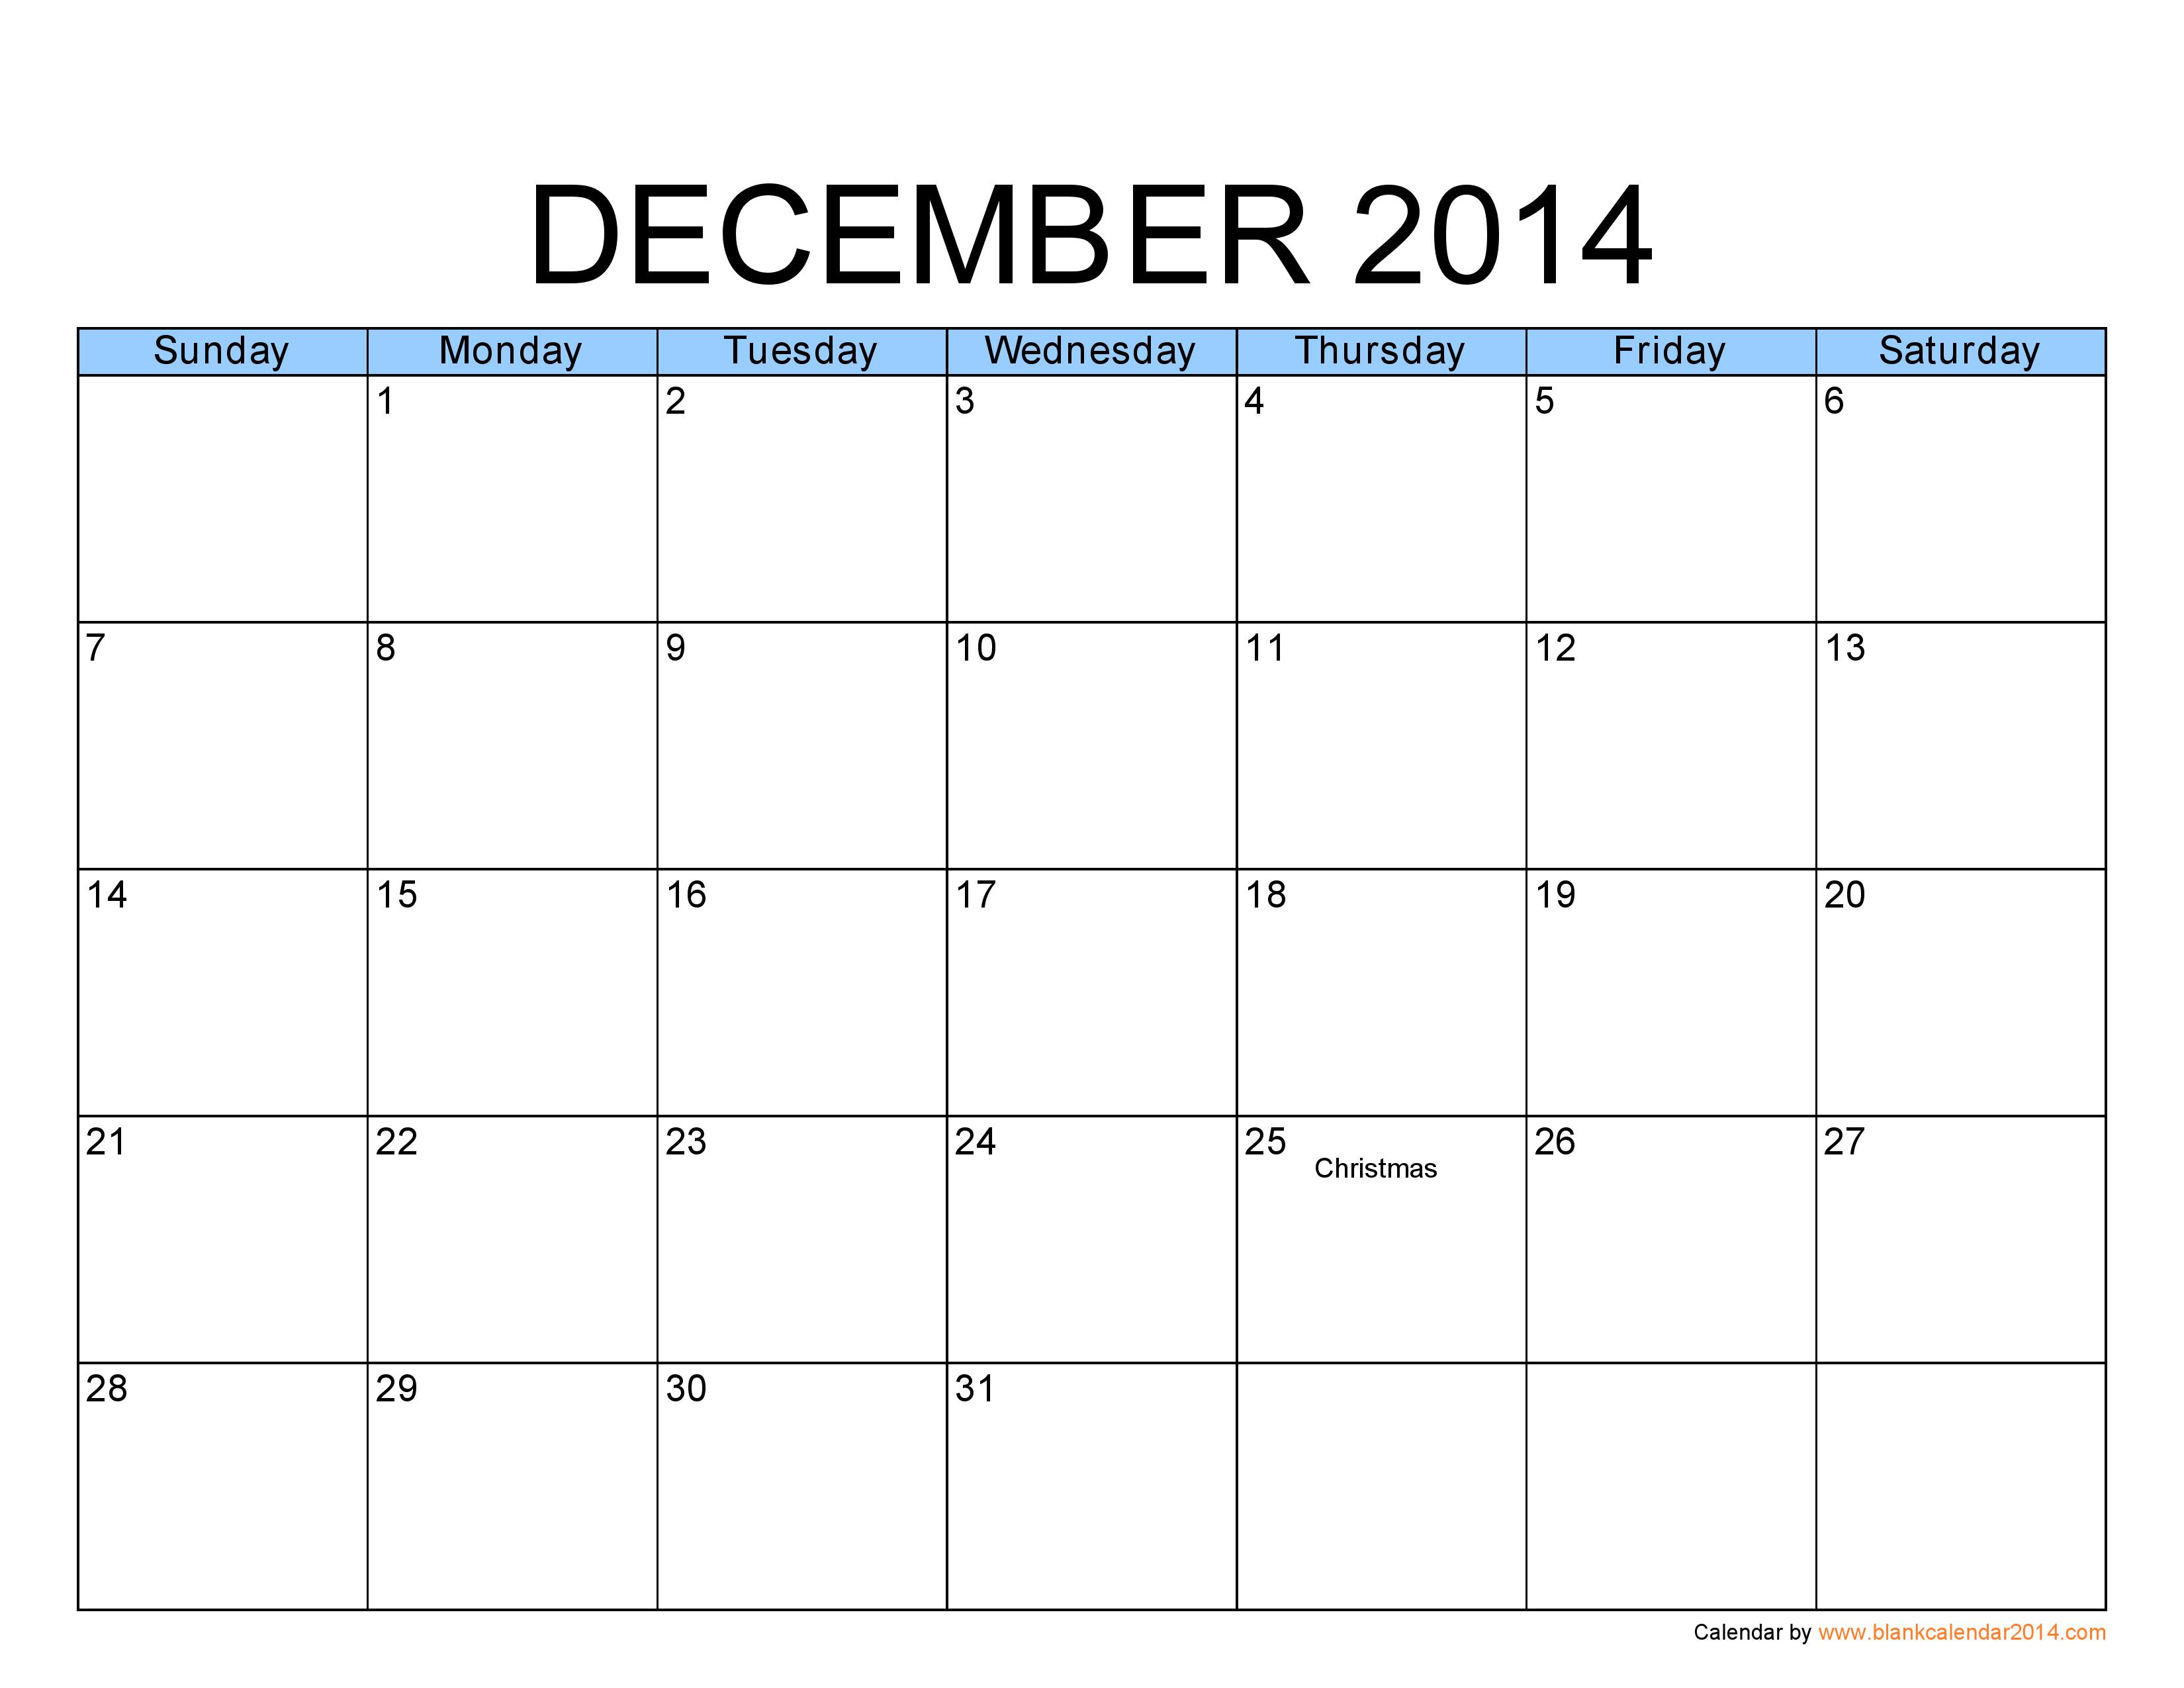 Blank December Calendar | December 2014 Calendar Template | ideas ...